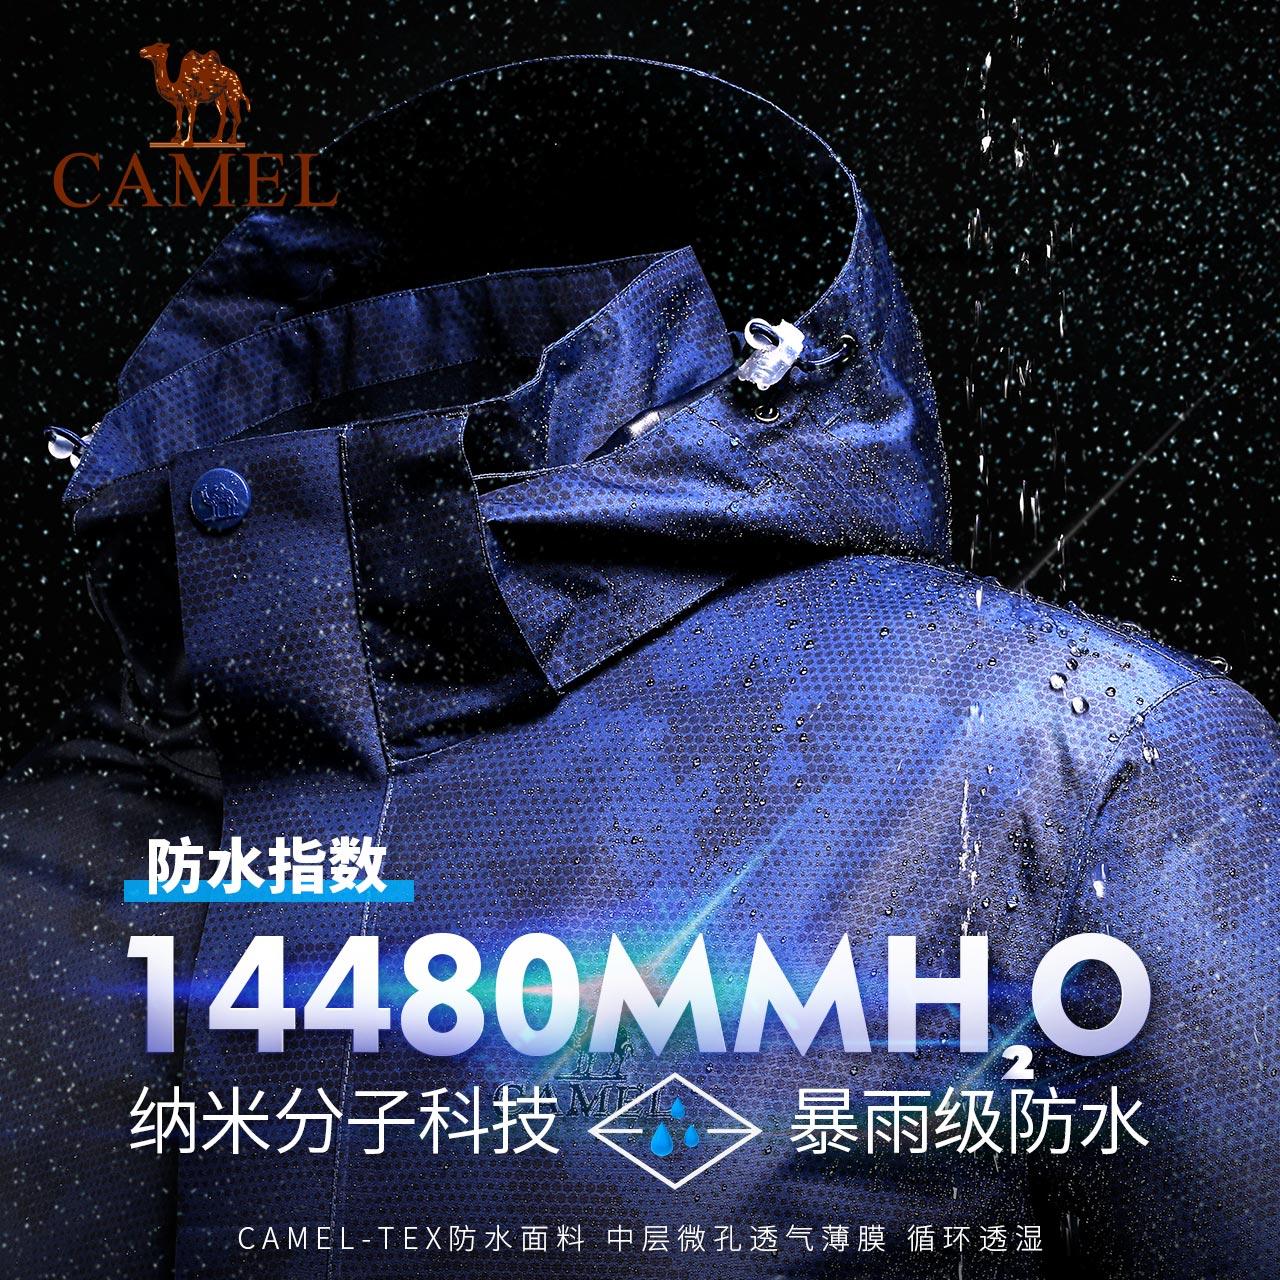 骆驼户外冲锋衣男女 加绒加厚防风防水外套三合一两件套登山服装